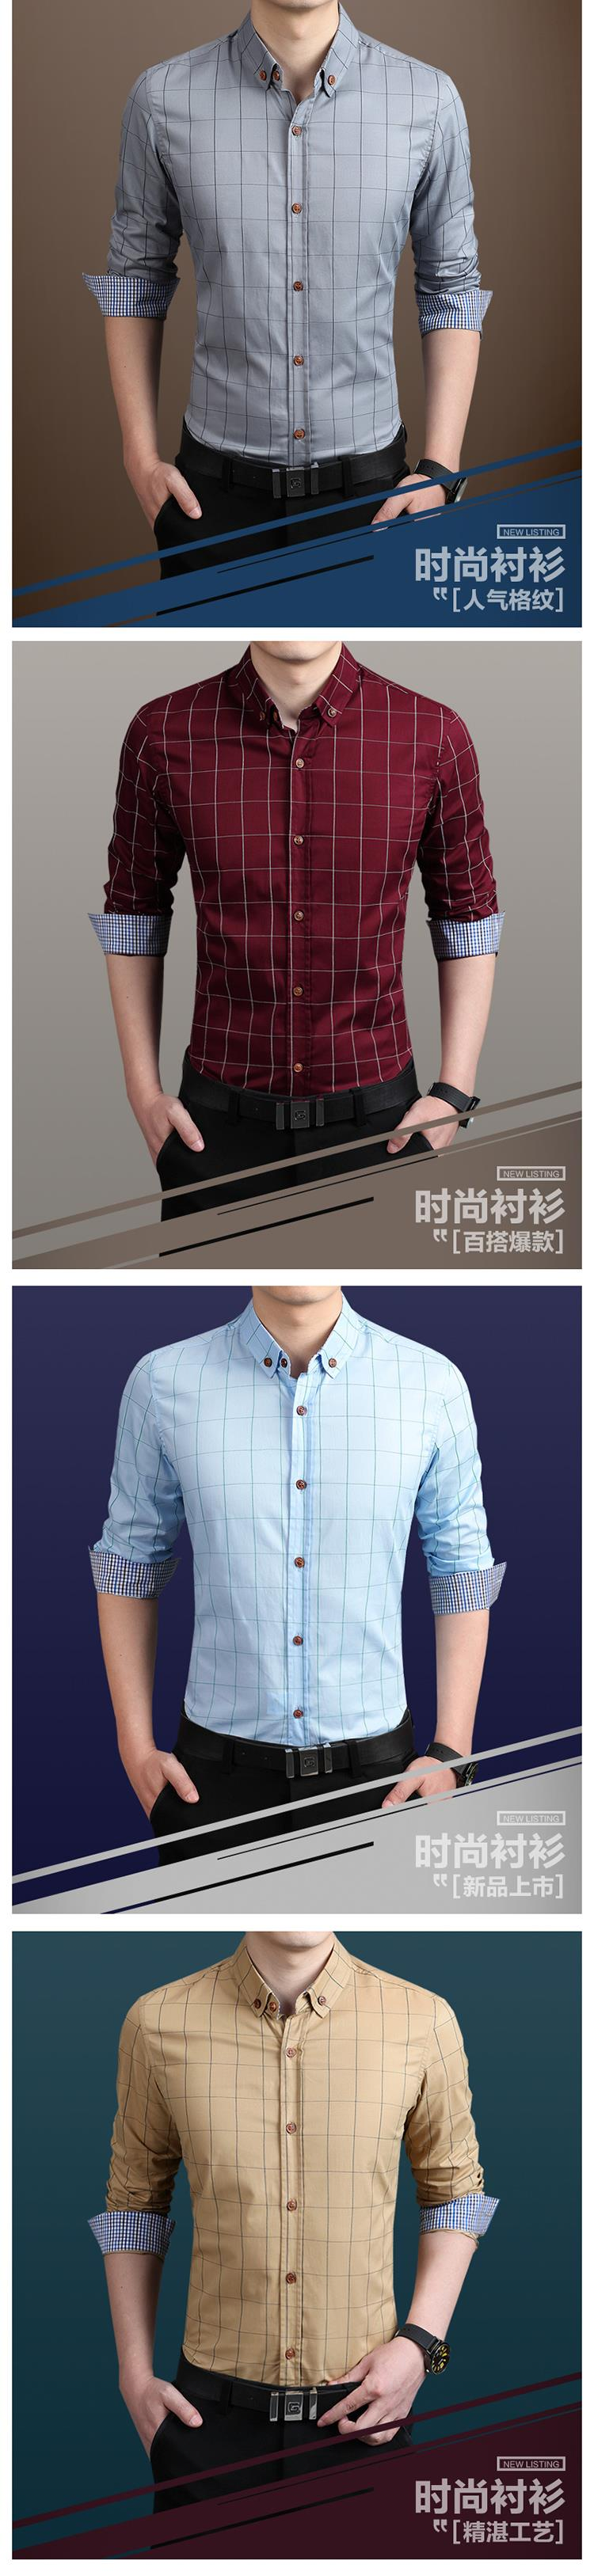 Colgante para hombre CUERO Genuino DSL Hombres Collar AJUSTABLE Cordón piel